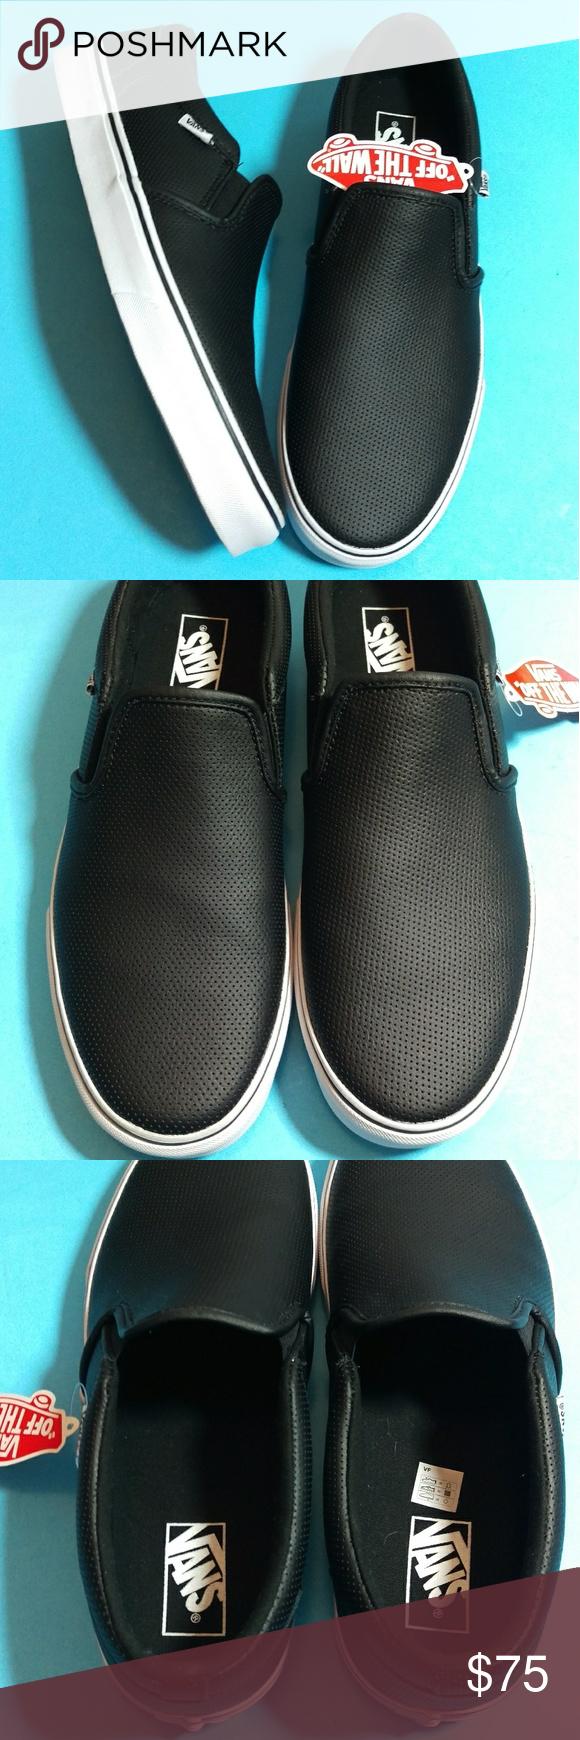 61a0596453d5 Men s Vans Slip-on Sneaker Does NOT qualify for 3  20 Sale ITEM